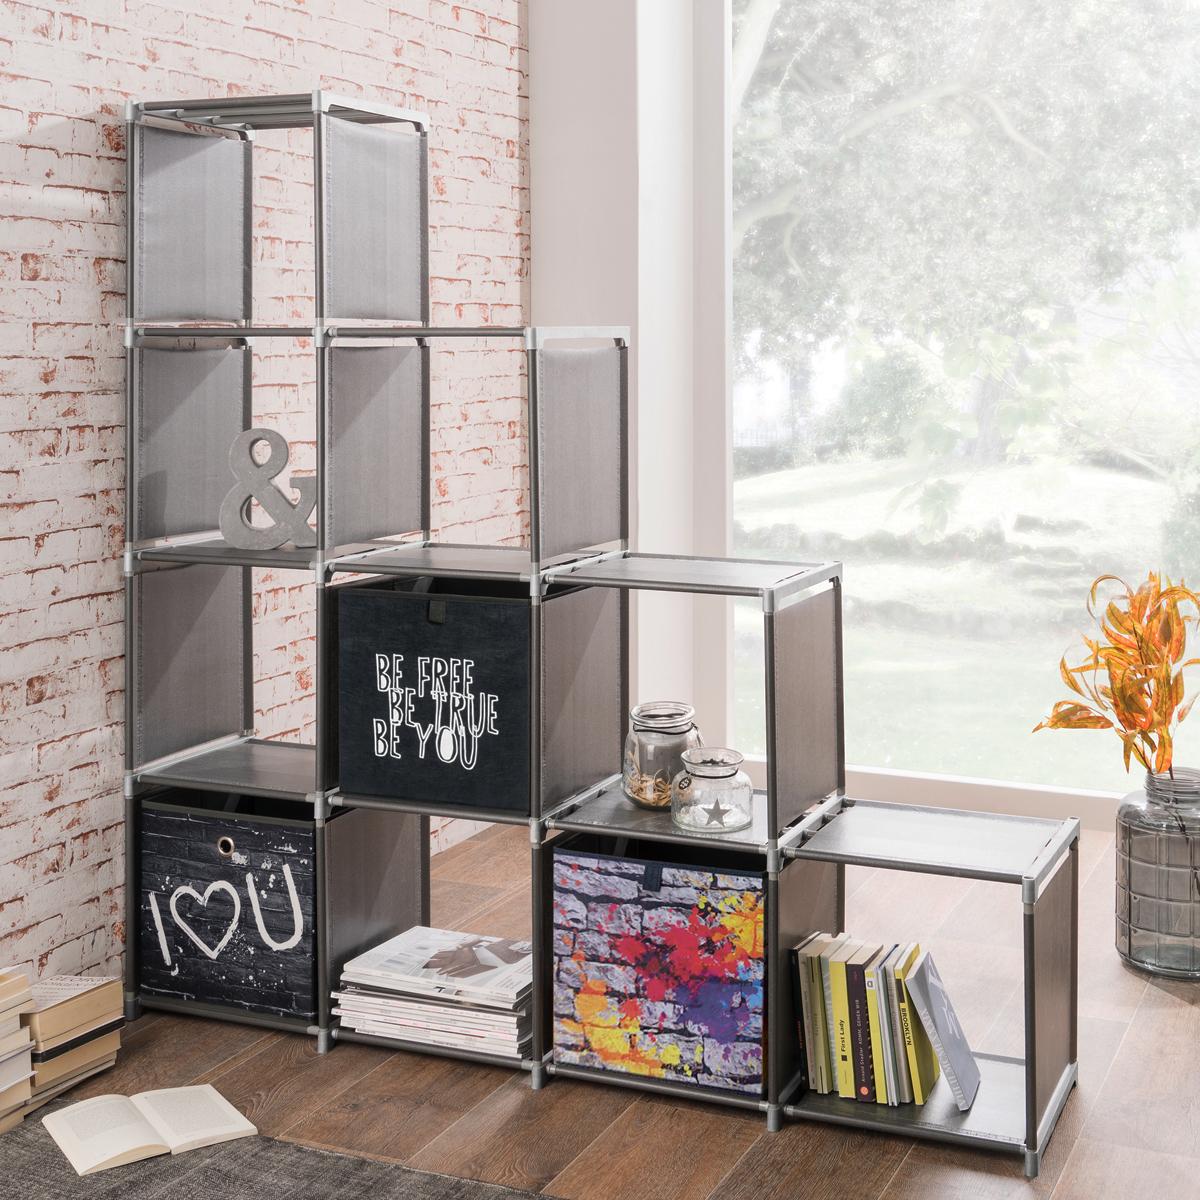 regalsystem quicktec steckregal anthrazit stufenregal raumteiler regalsystem bad ebay. Black Bedroom Furniture Sets. Home Design Ideas